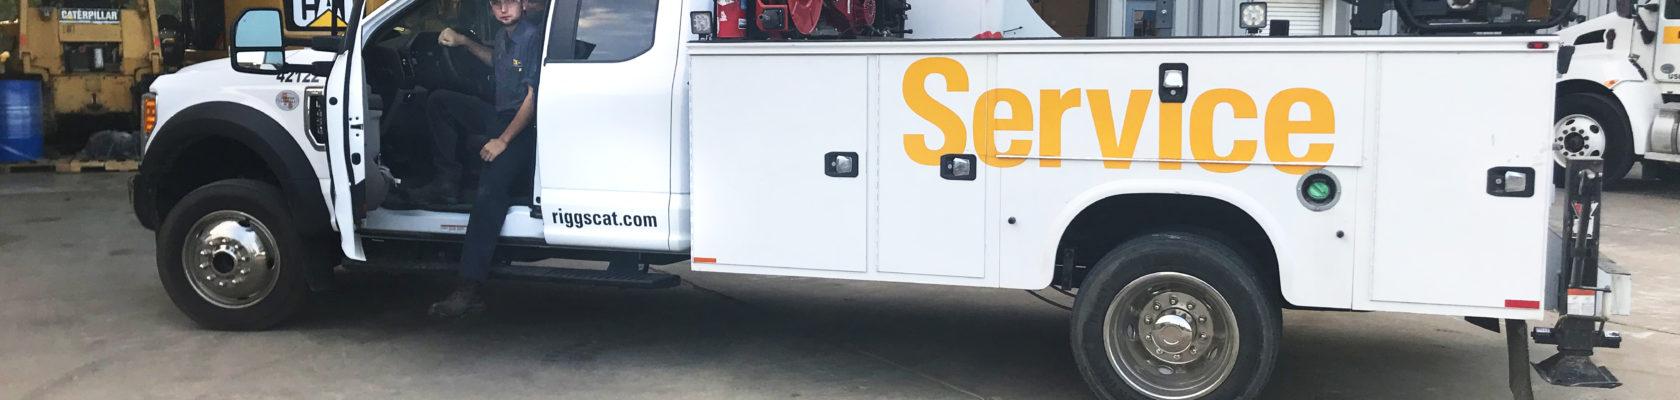 Tech in service truck